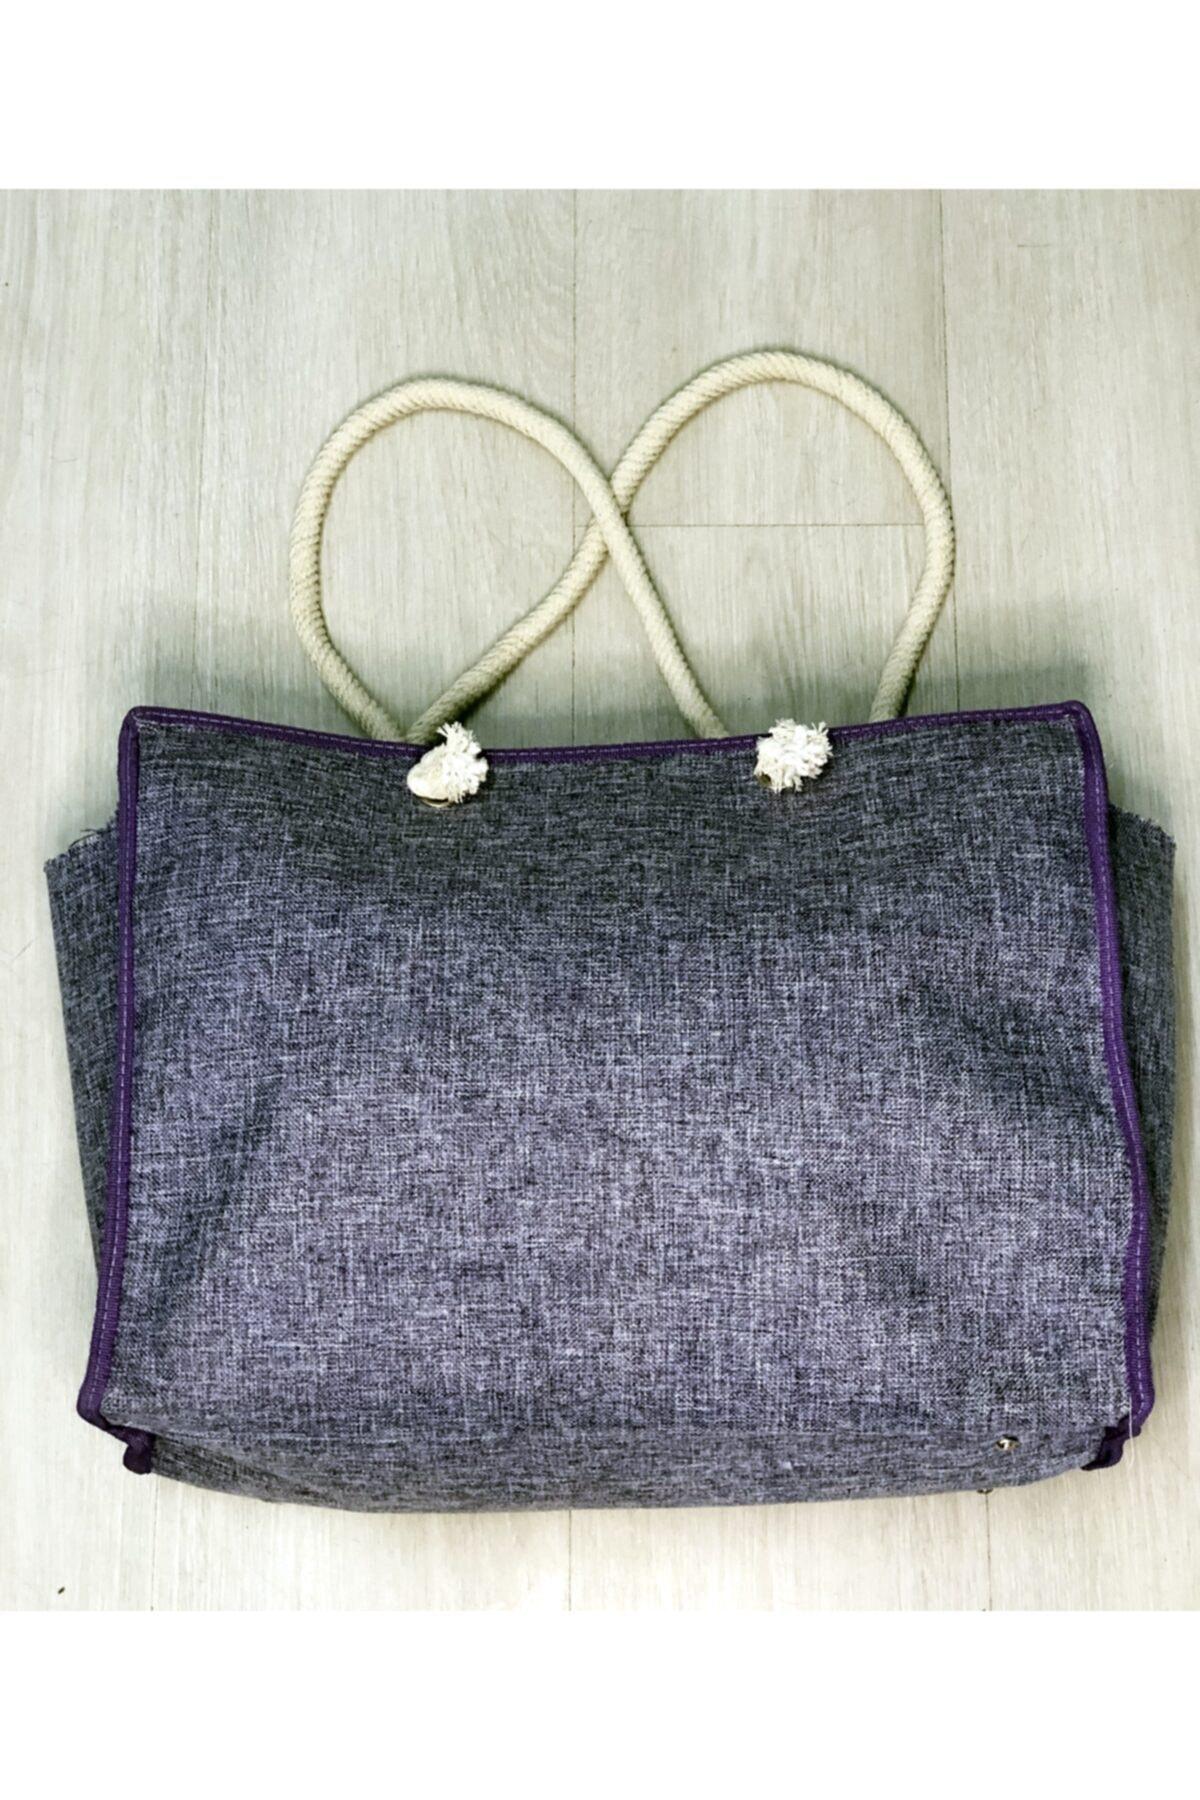 Kadın Mor Renk Çanta - Seyahat Çantası - Plaj Çantası